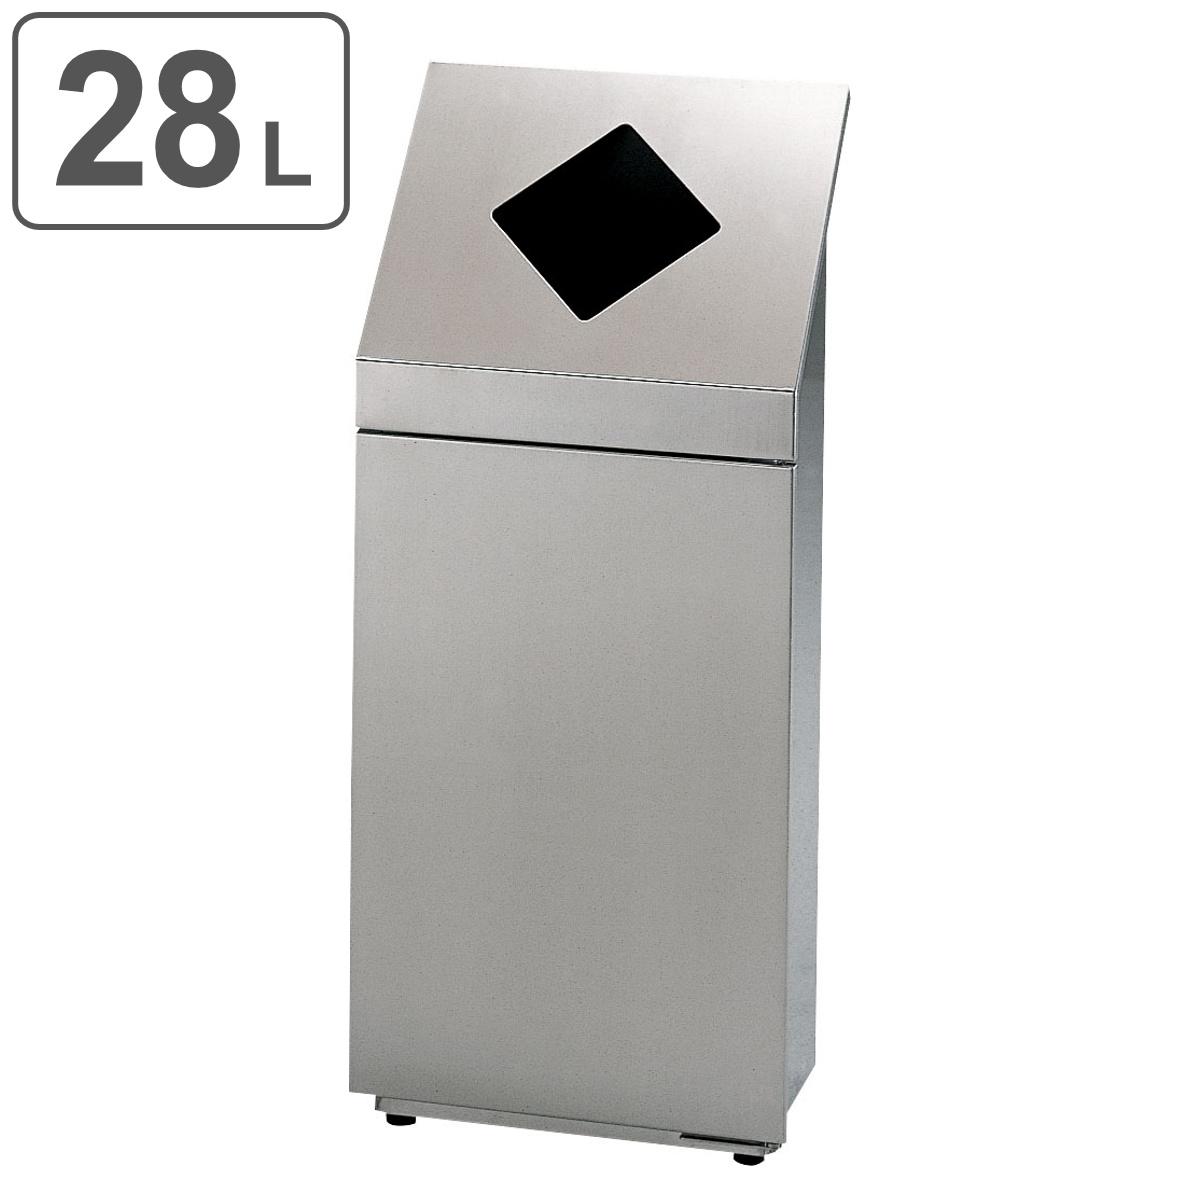 ゴミ箱 ダストボックス分別 NK-2439 一般用 送料無料